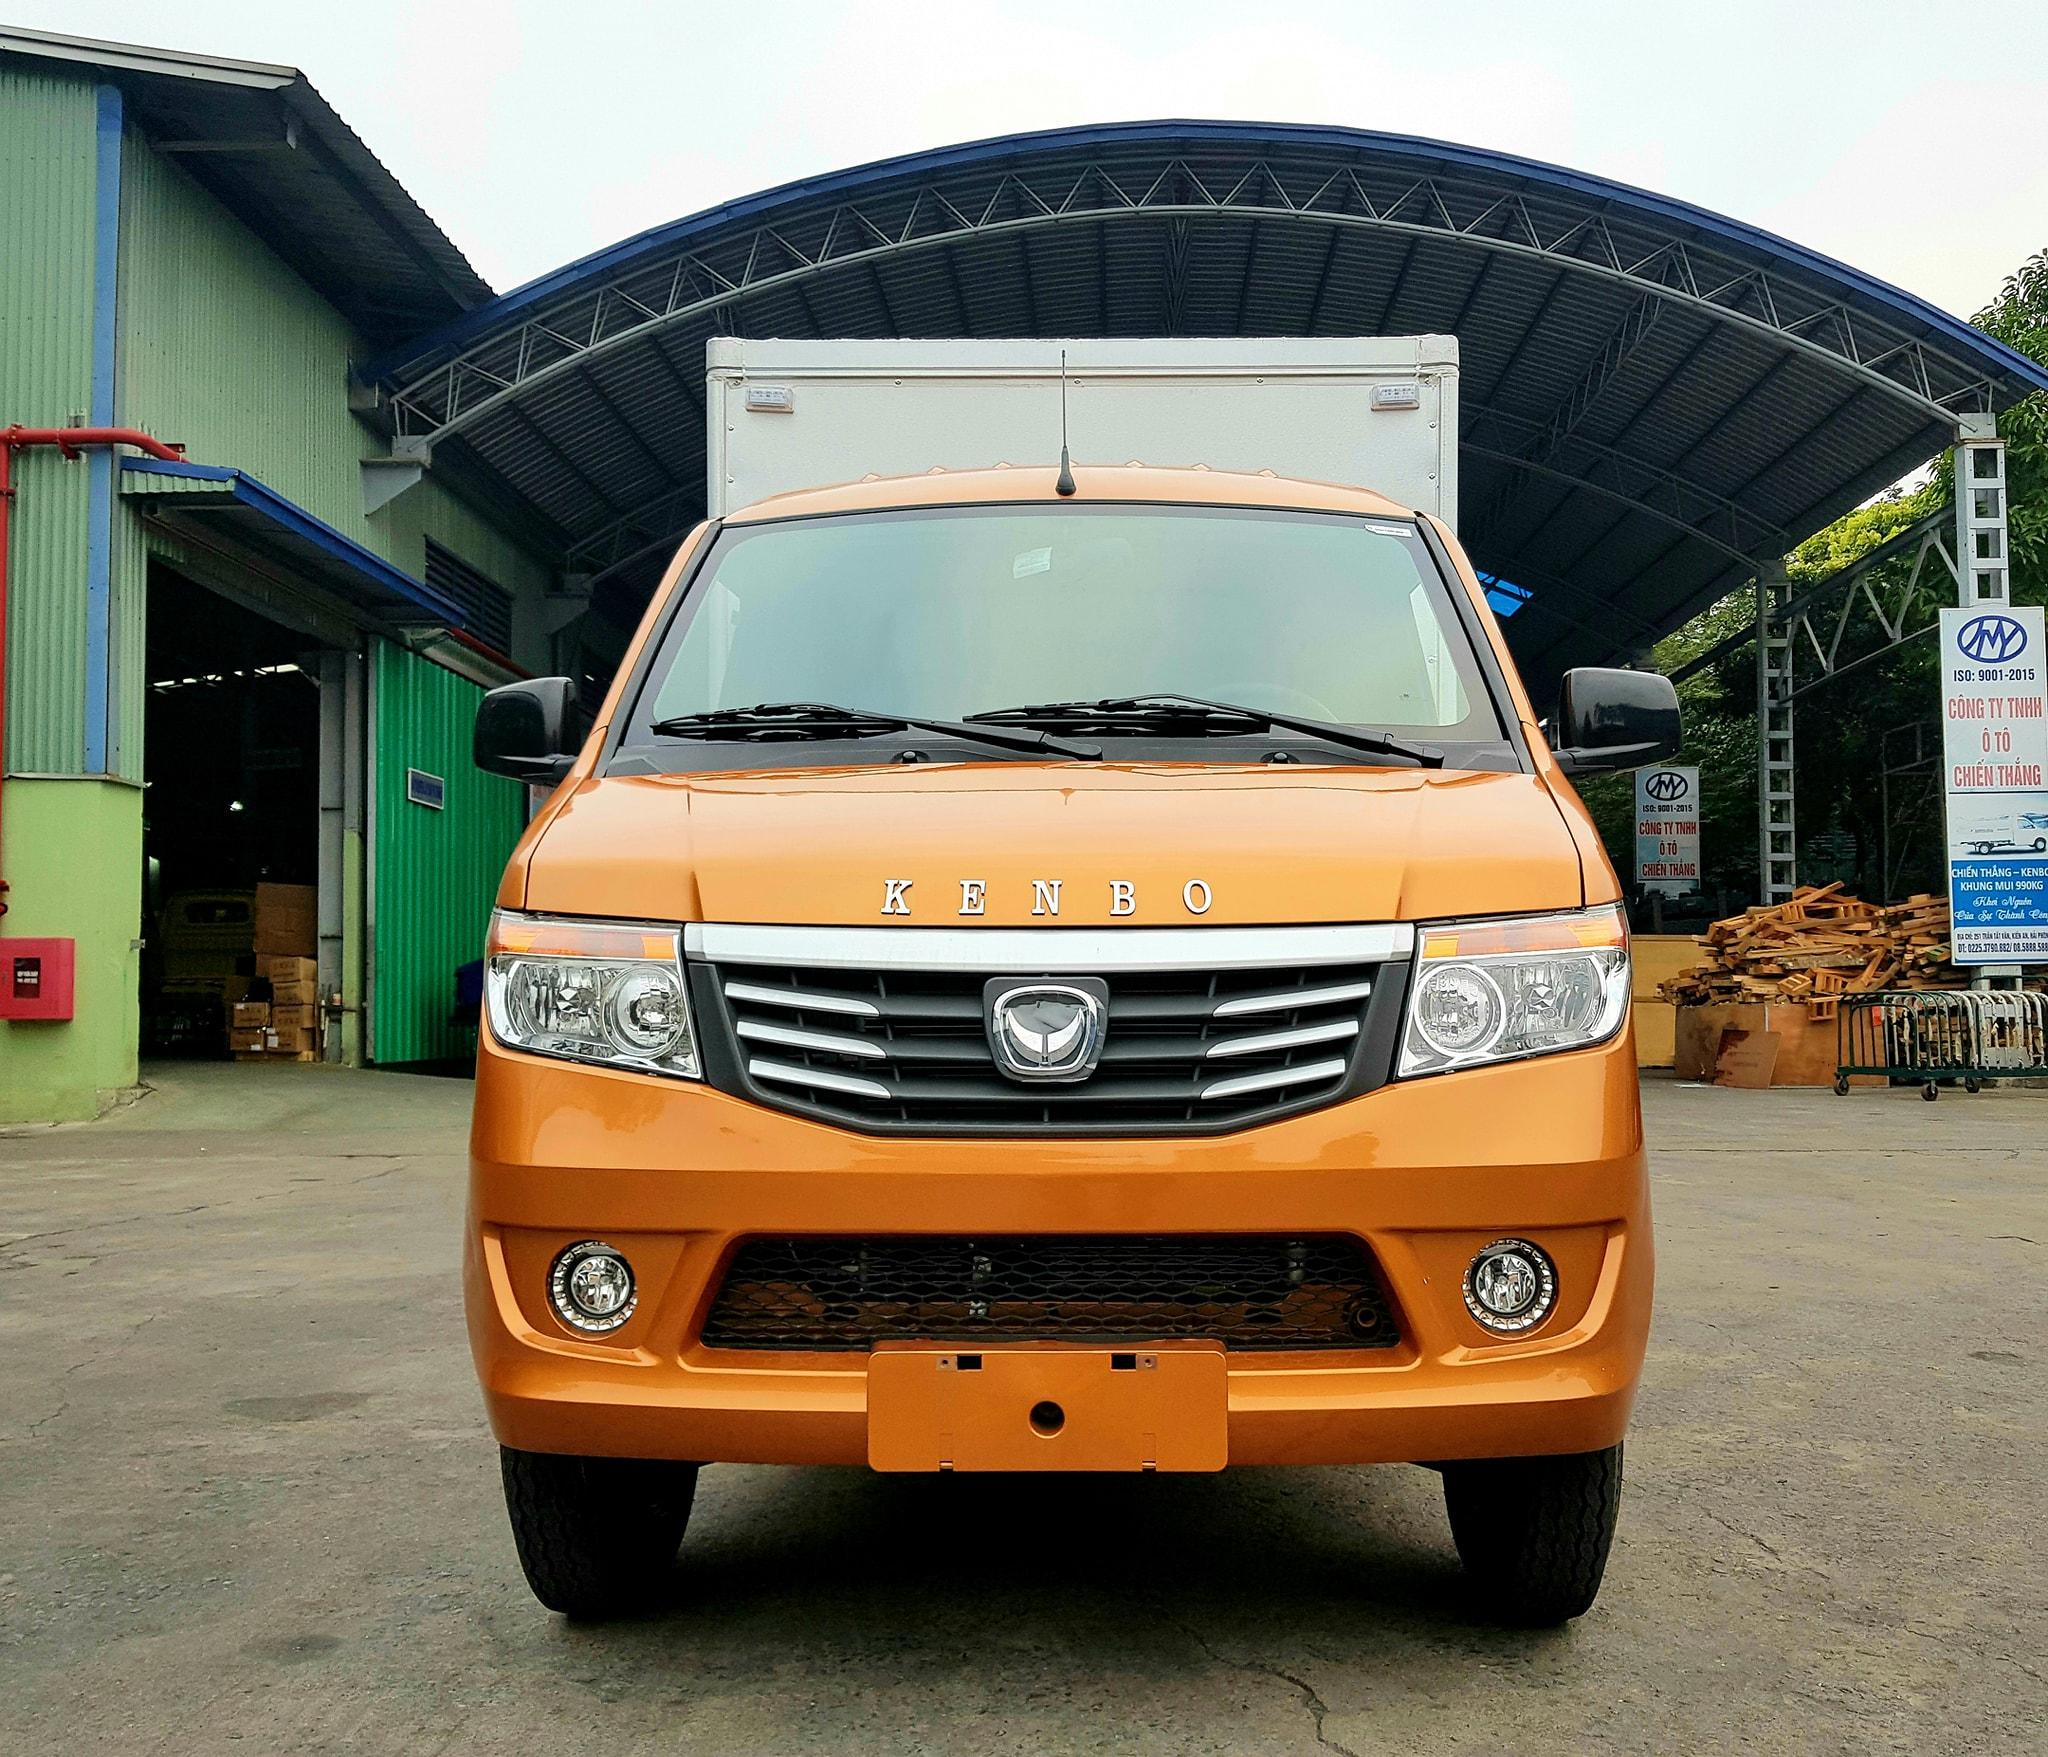 Xe tải kenbo thùng cánh dơi 900Kg, Xe tải kenbo thùng, Xe tải kenbo, Xe kenbo, ô tô kenbo